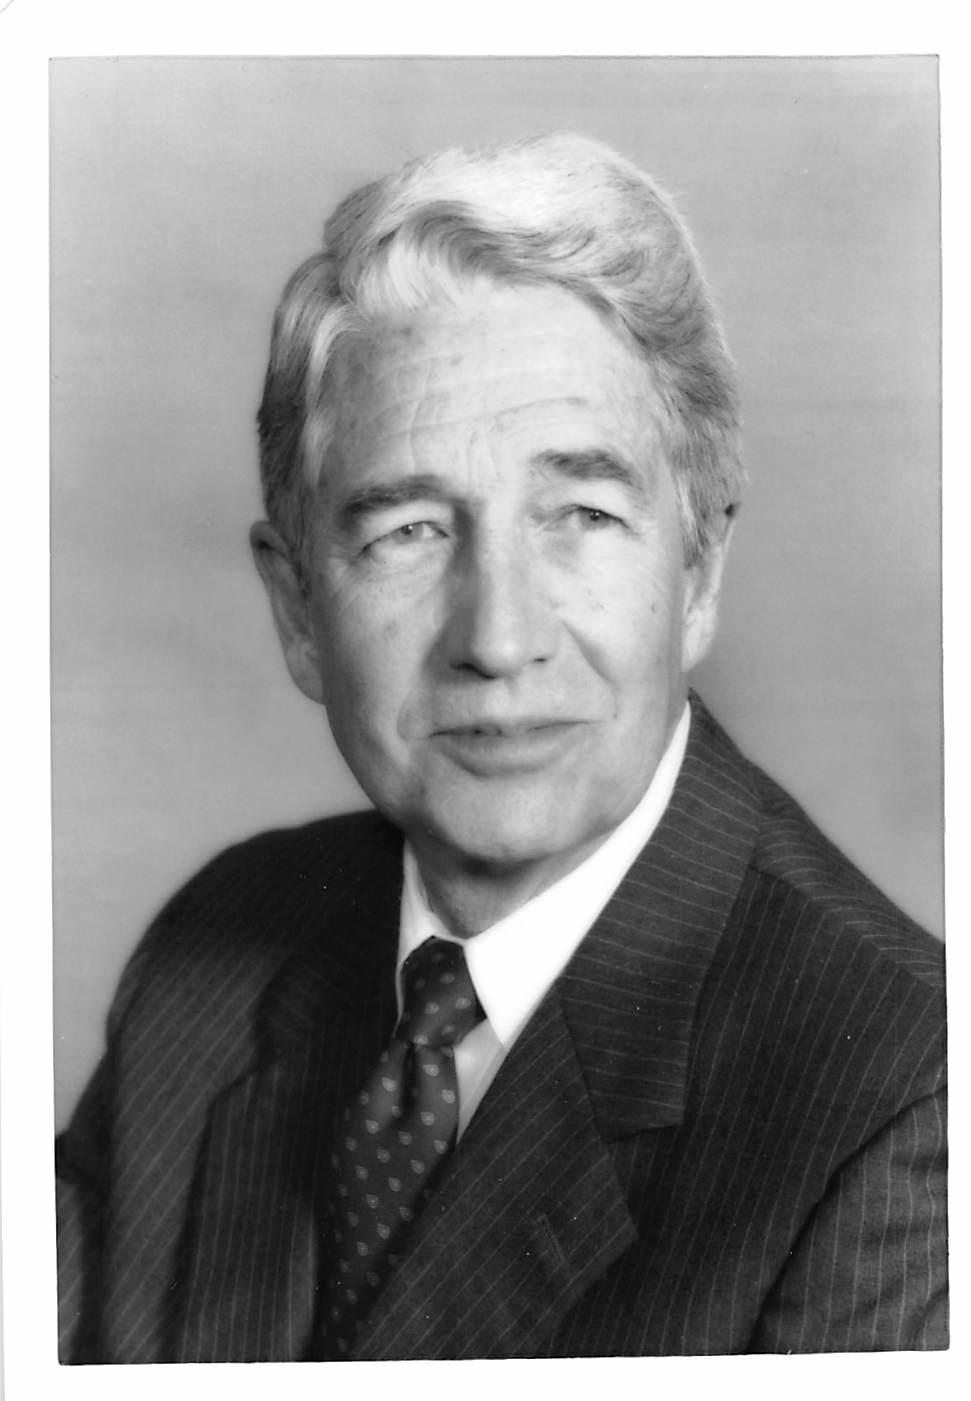 Alan J. Terrill